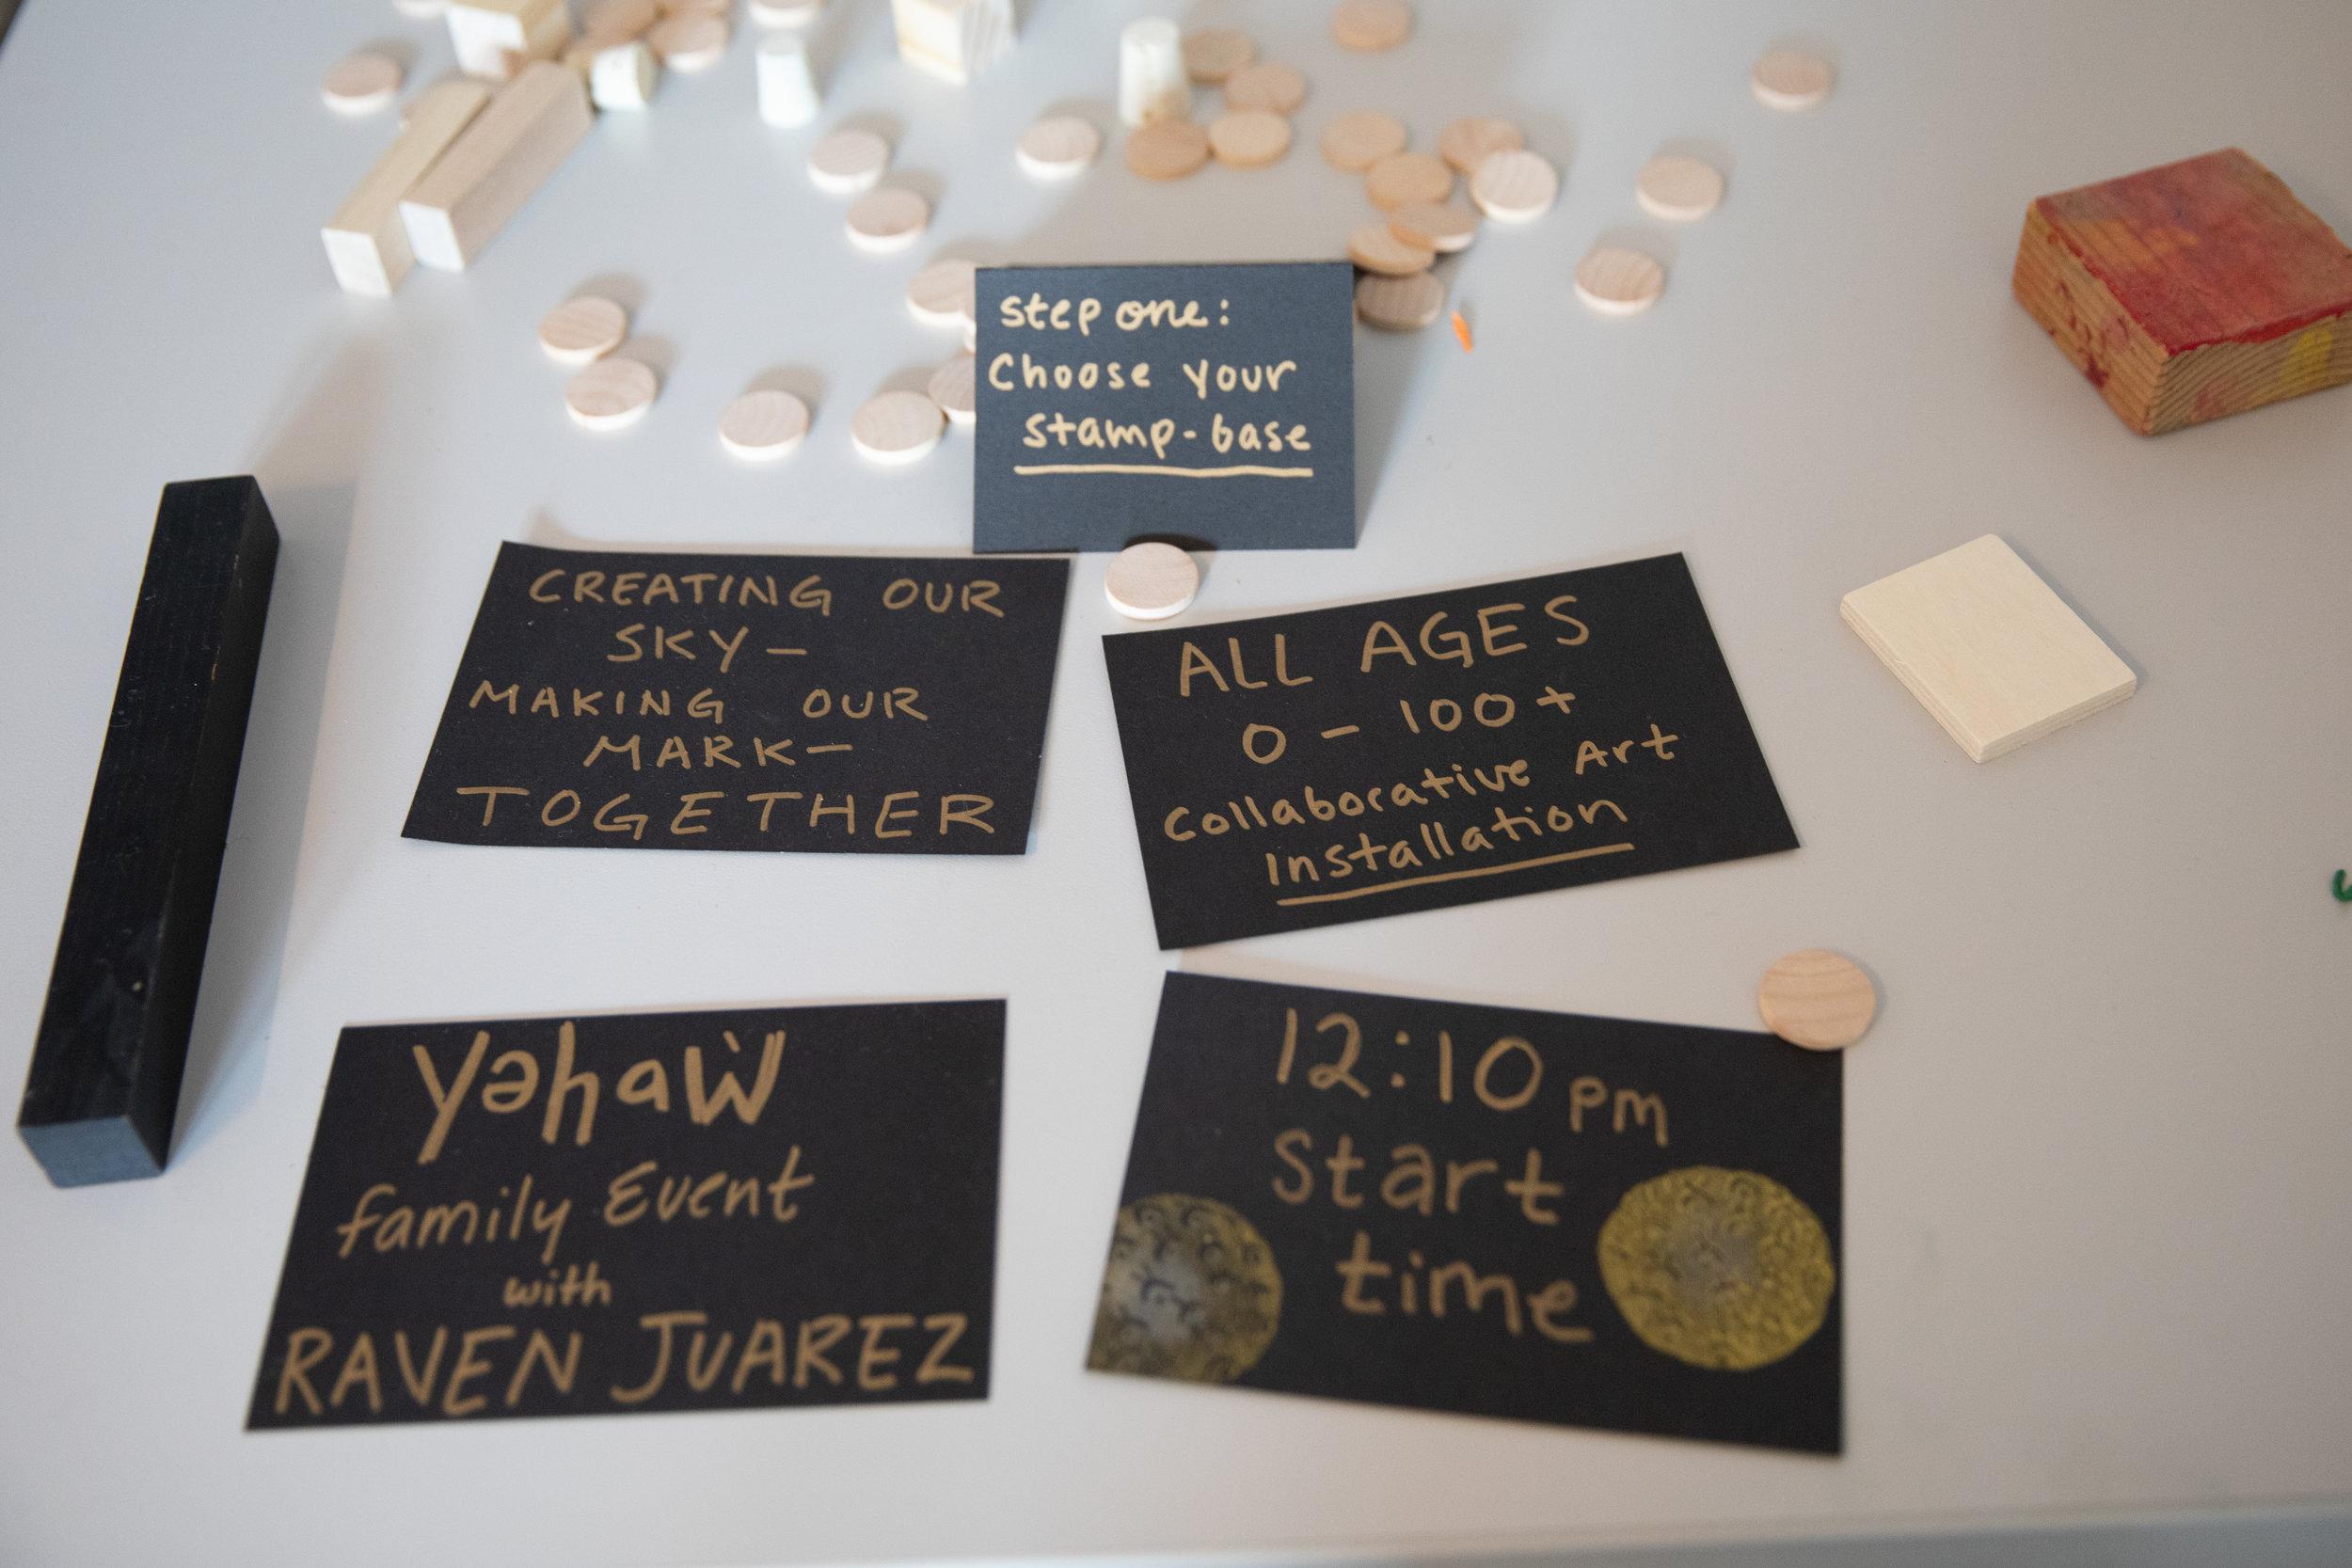 yəhaw̓ Family Event - Creating Our Sky